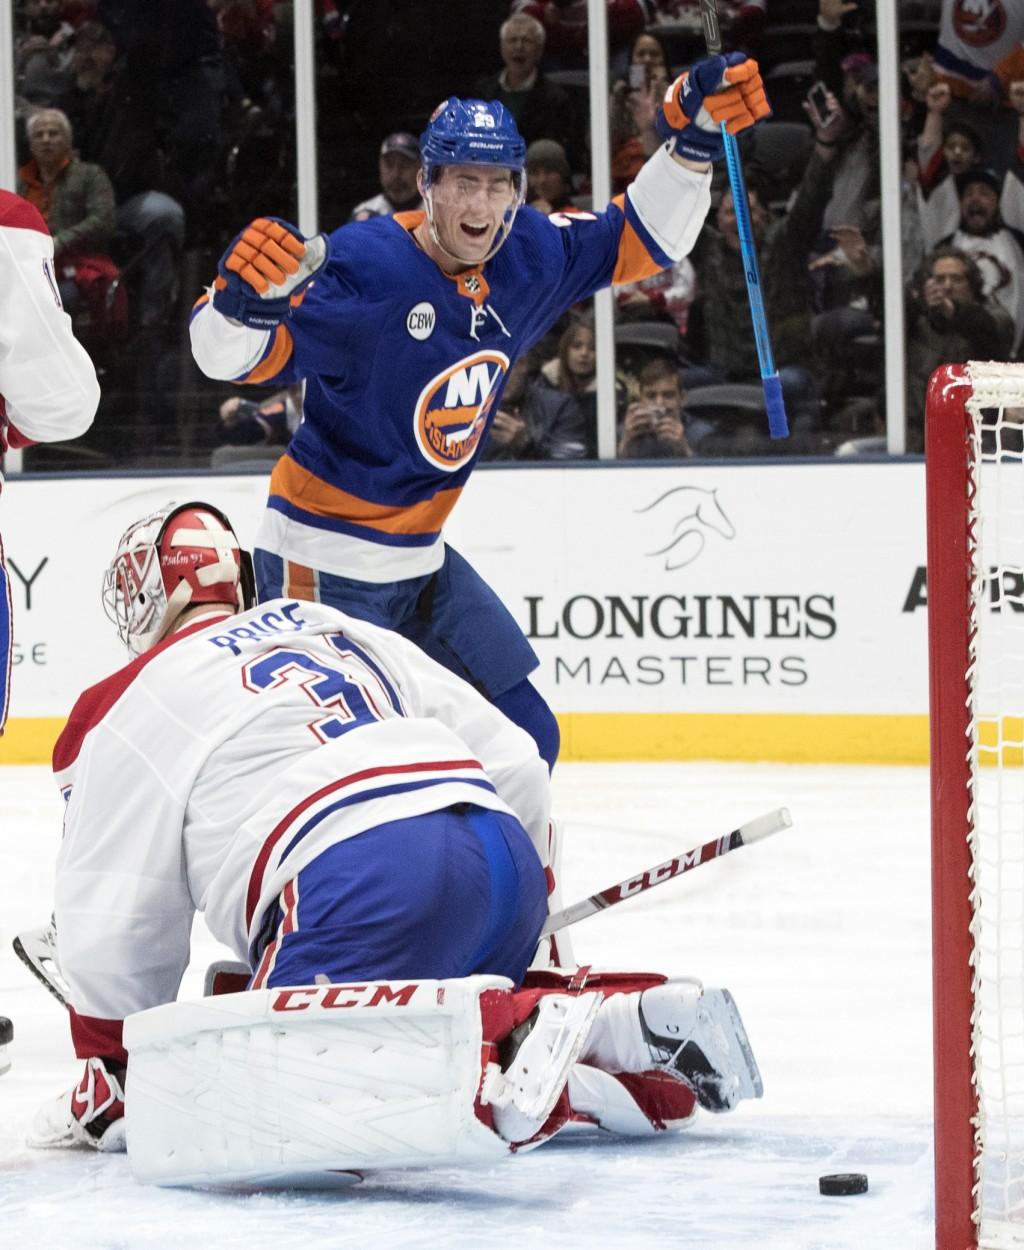 New York Islanders center Brock Nelson (29) reacts after defenseman Adam Pelech (not shown) scored a goal past Montreal Canadiens goaltender Carey Pri